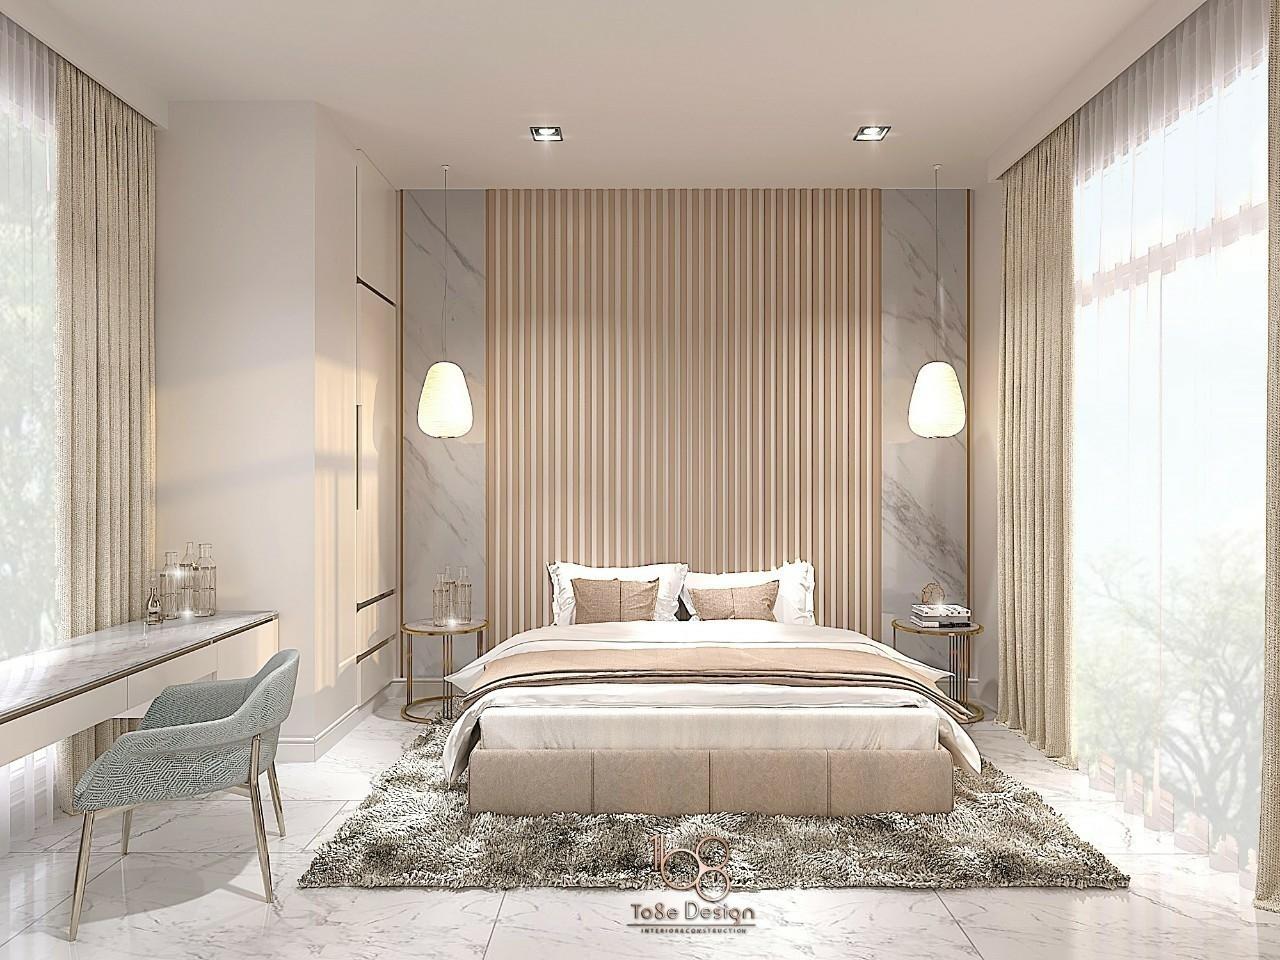 รับออกแบบตกแต่งภายใน-ห้องนอน